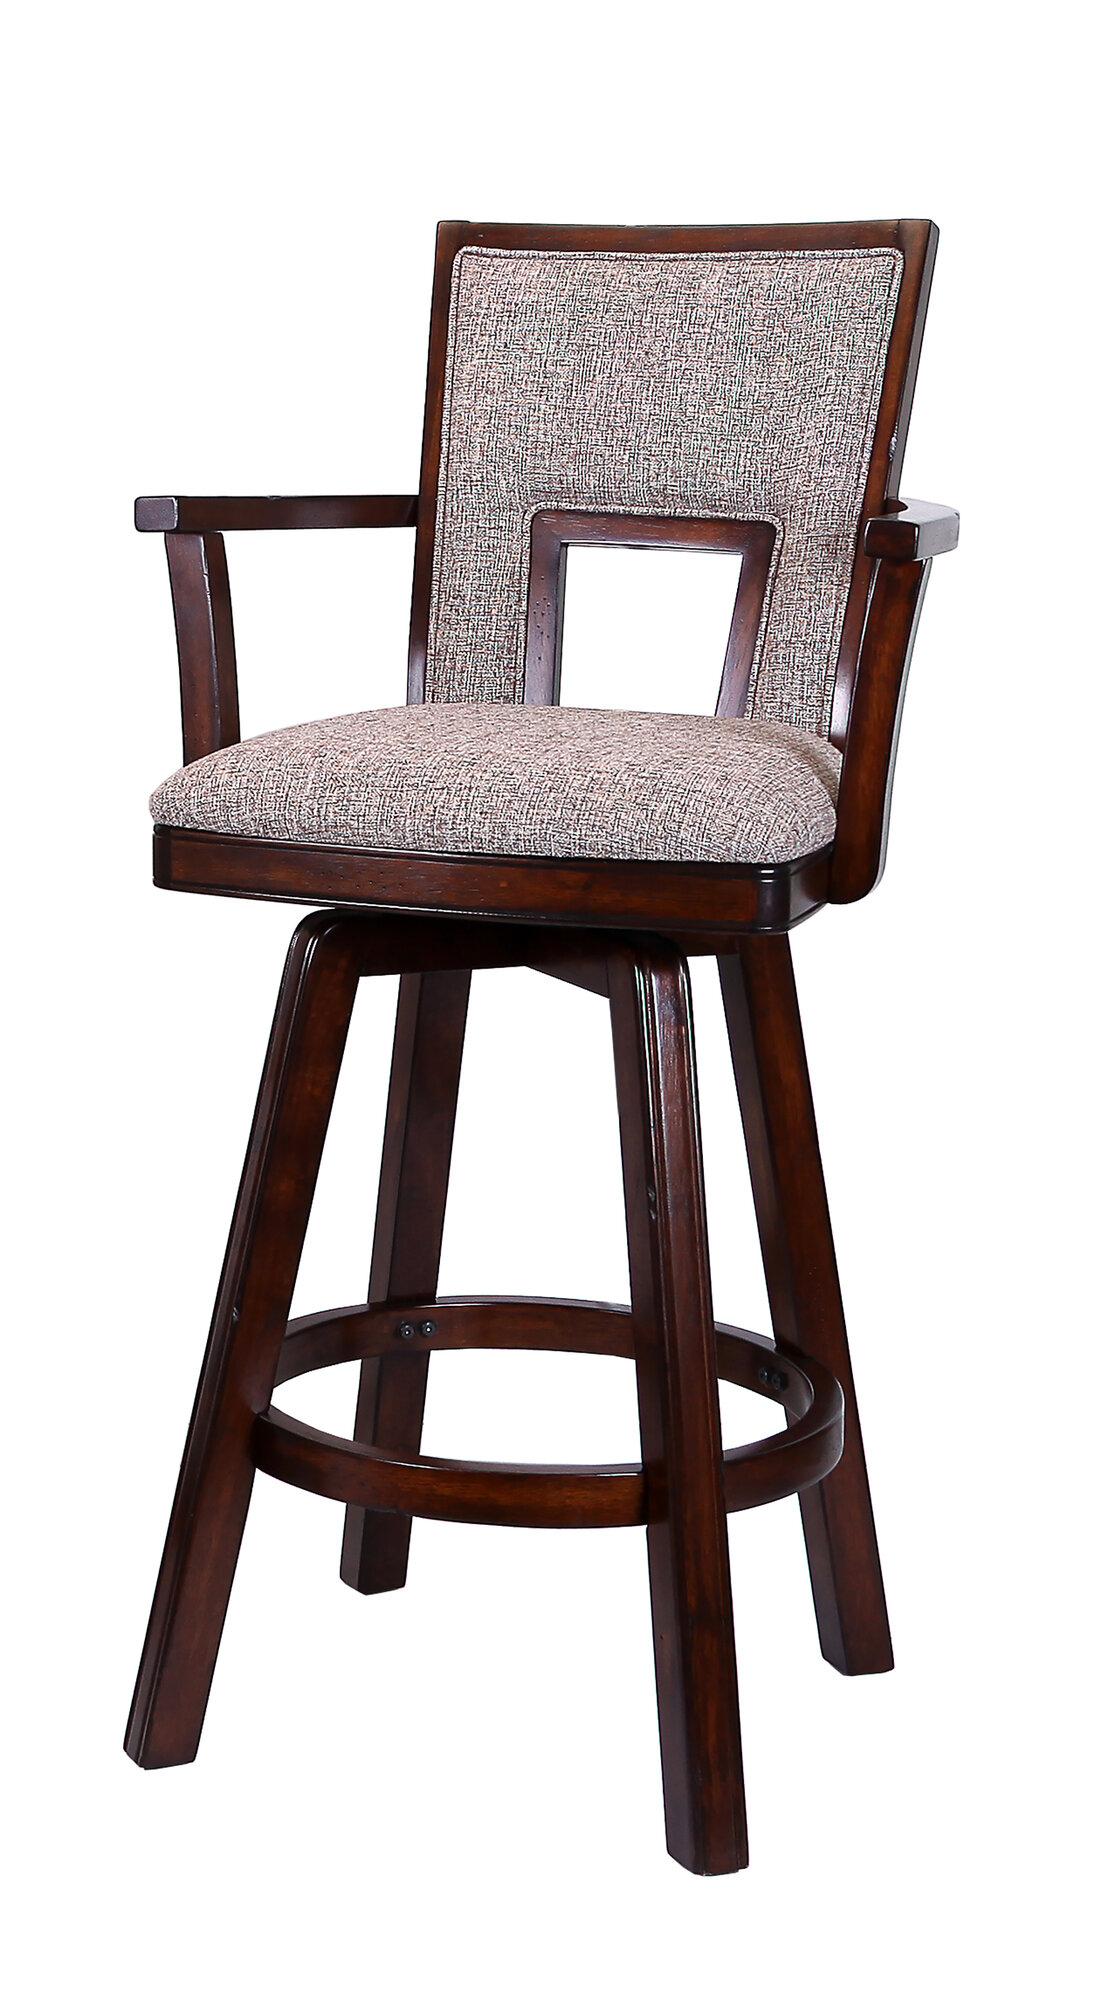 ECI Furniture Autumn Winds 30quot Swivel Bar Stool Set of 2  : 1 from www.ebay.com size 1096 x 2000 jpeg 393kB